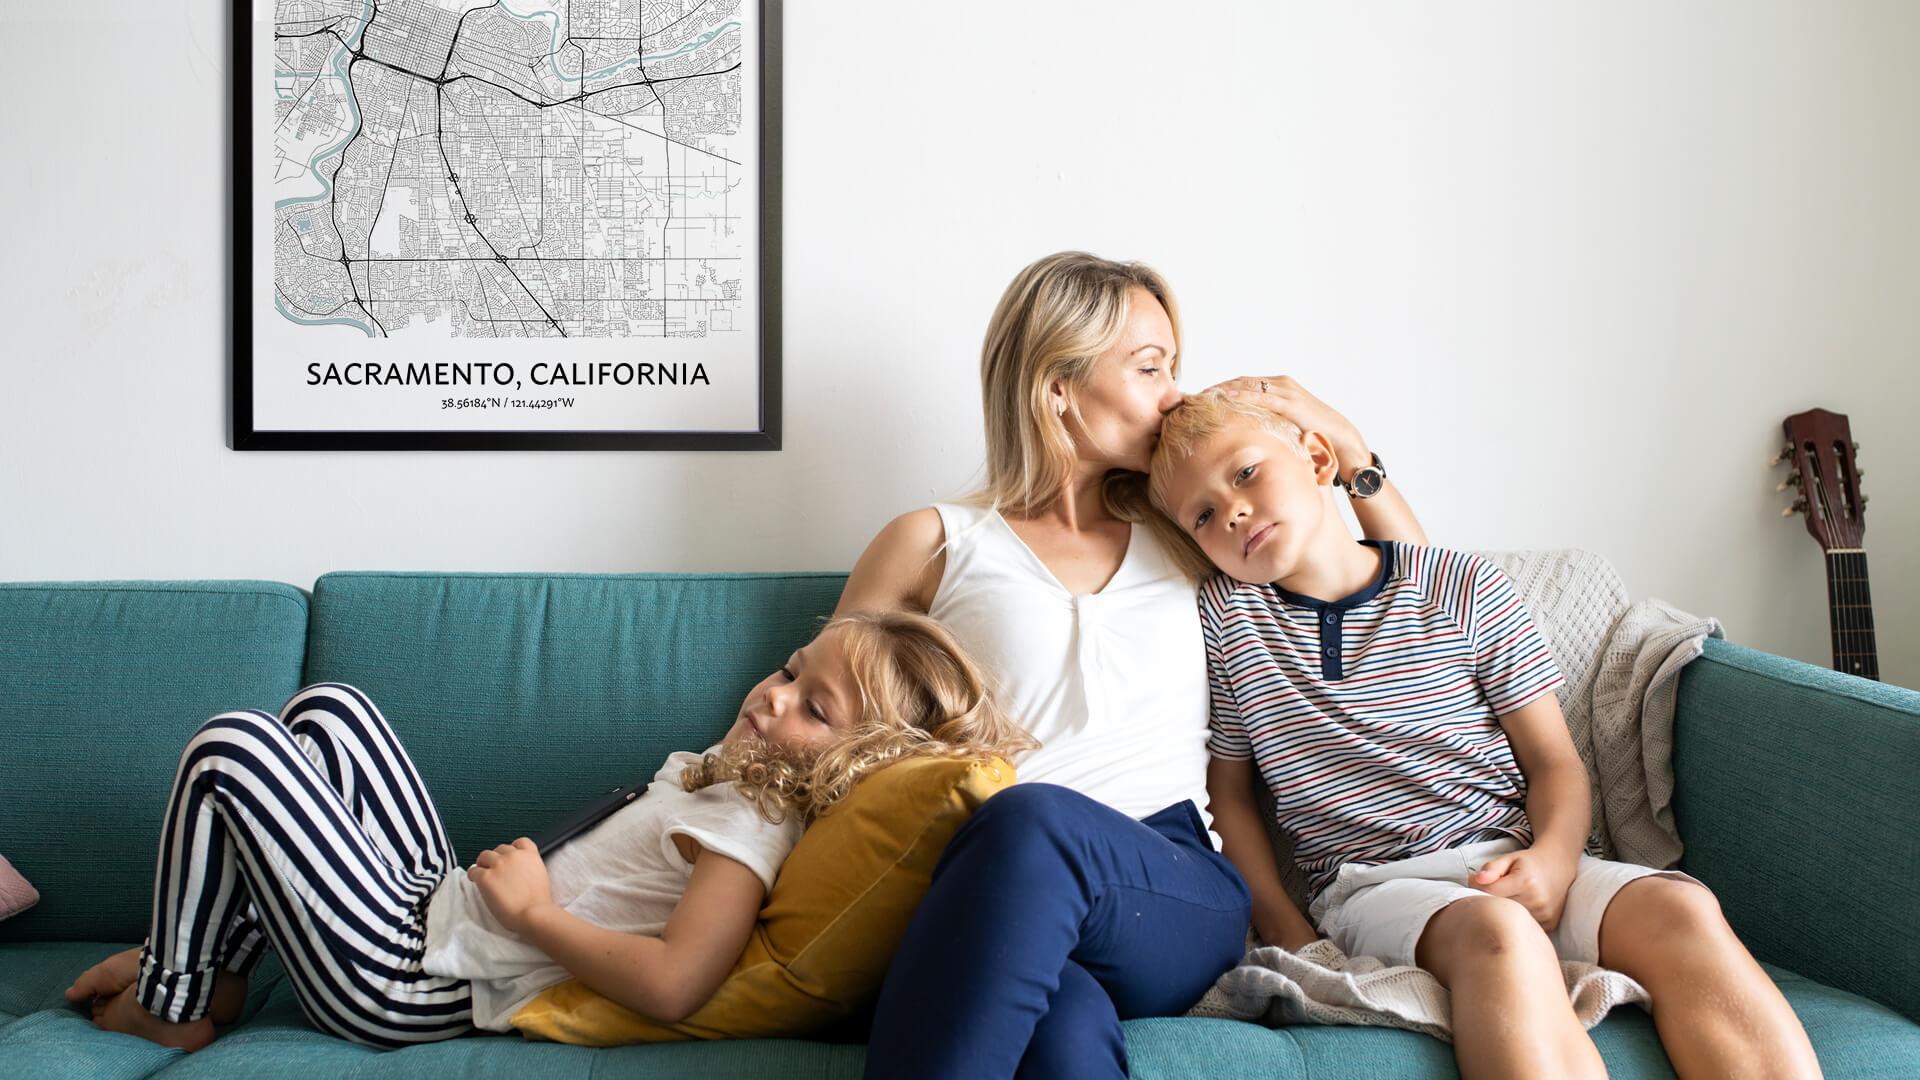 Sacramento map poster